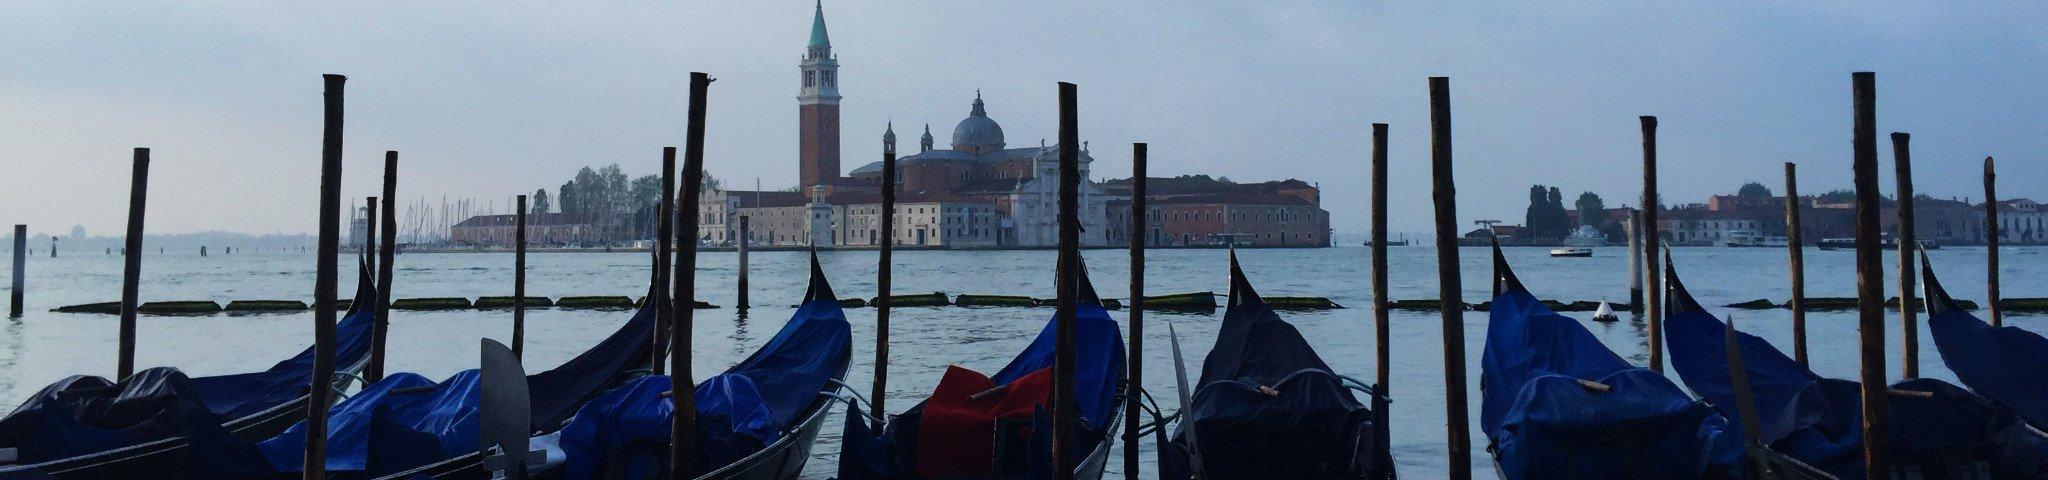 沉迷欧洲风情,感受浪漫气息--意大利游记